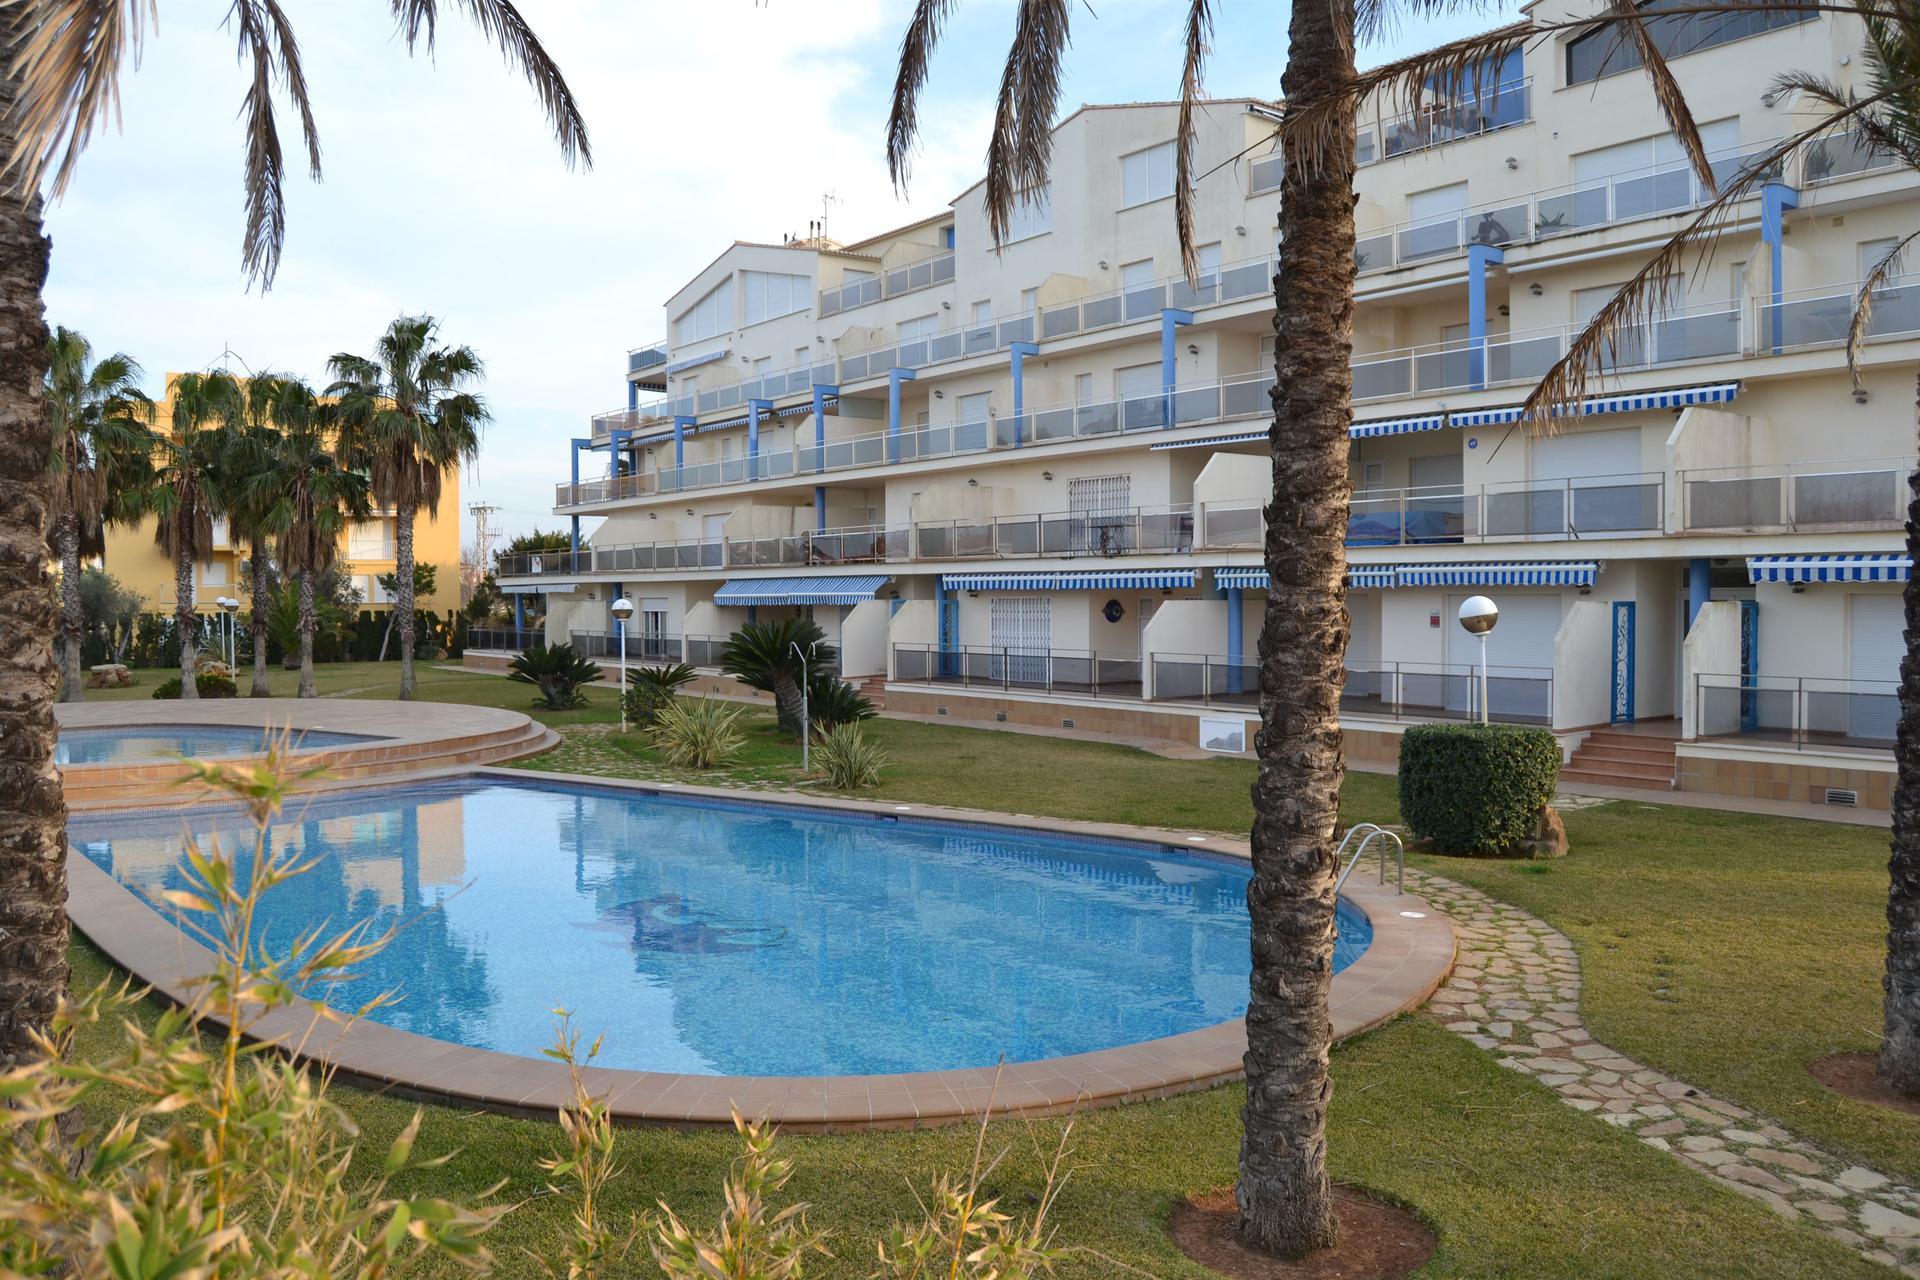 Appartamento -                                       Denia -                                       3 camere -                                       7 persone